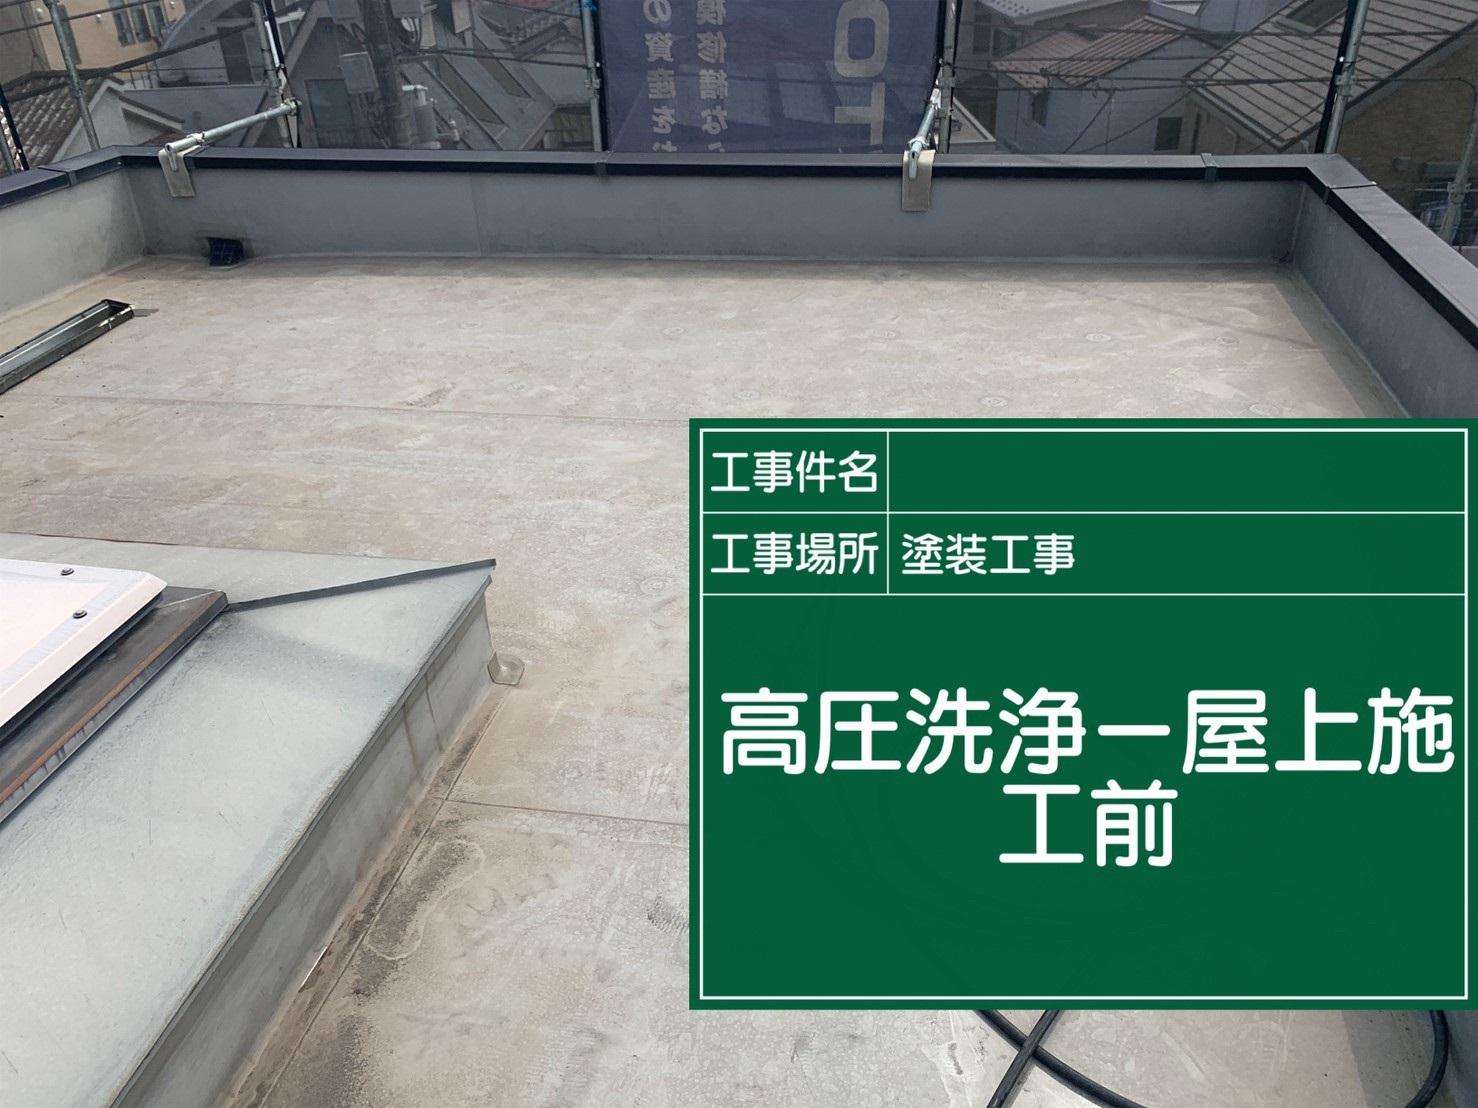 【屋上】①施工前